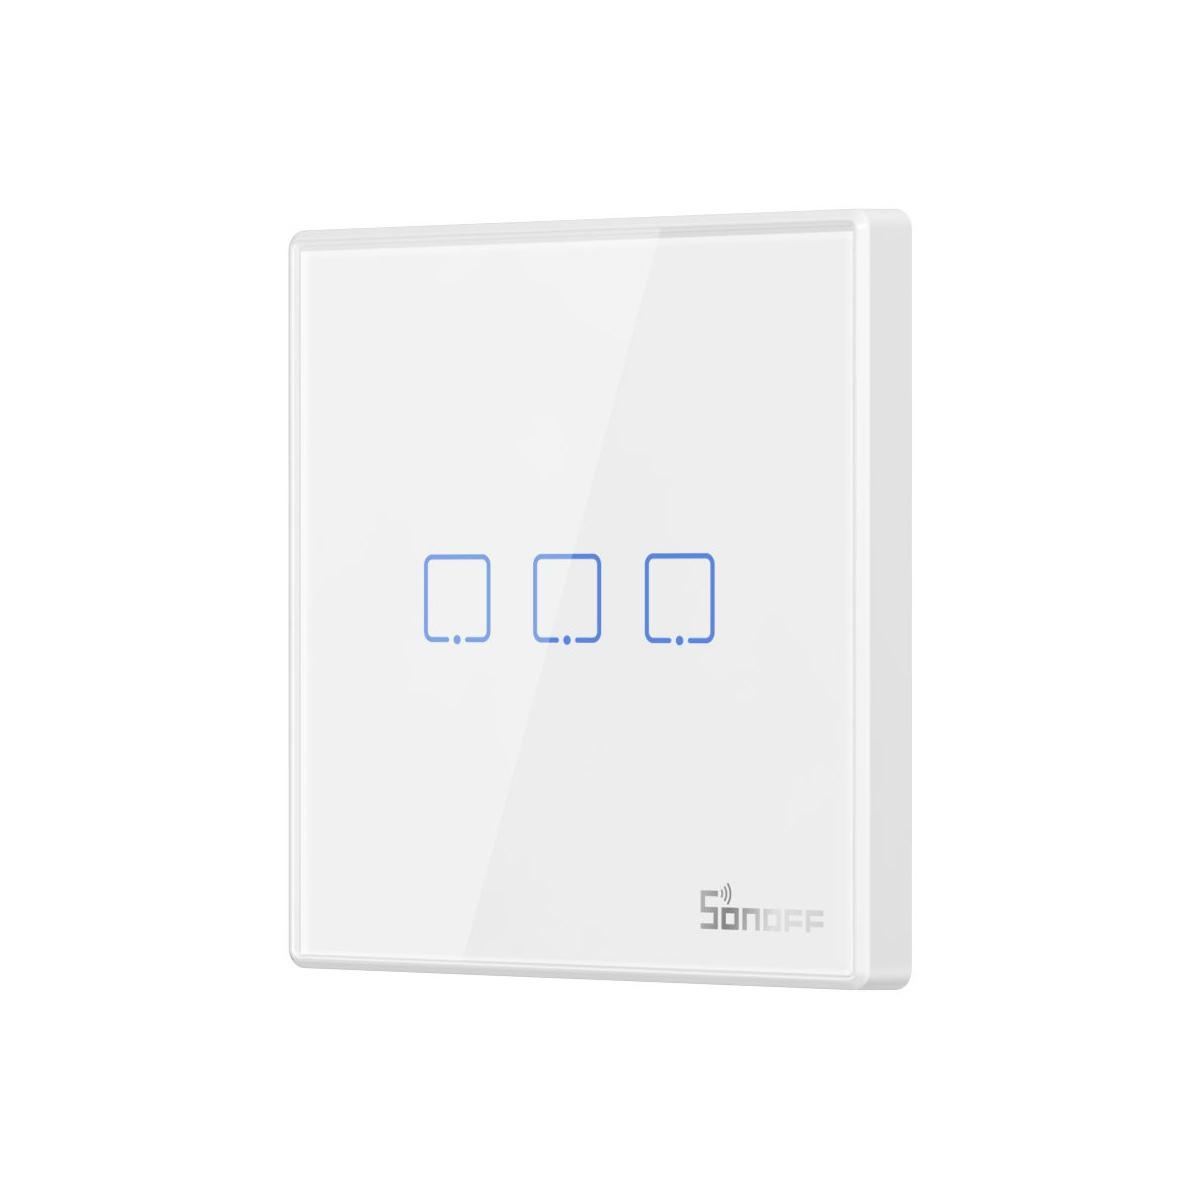 Sonoff T2EU3C-RF Sticky Wireless Smart Wall Switch 3-Channel, RF, Διακόπτης Τοίχου - M0802030011